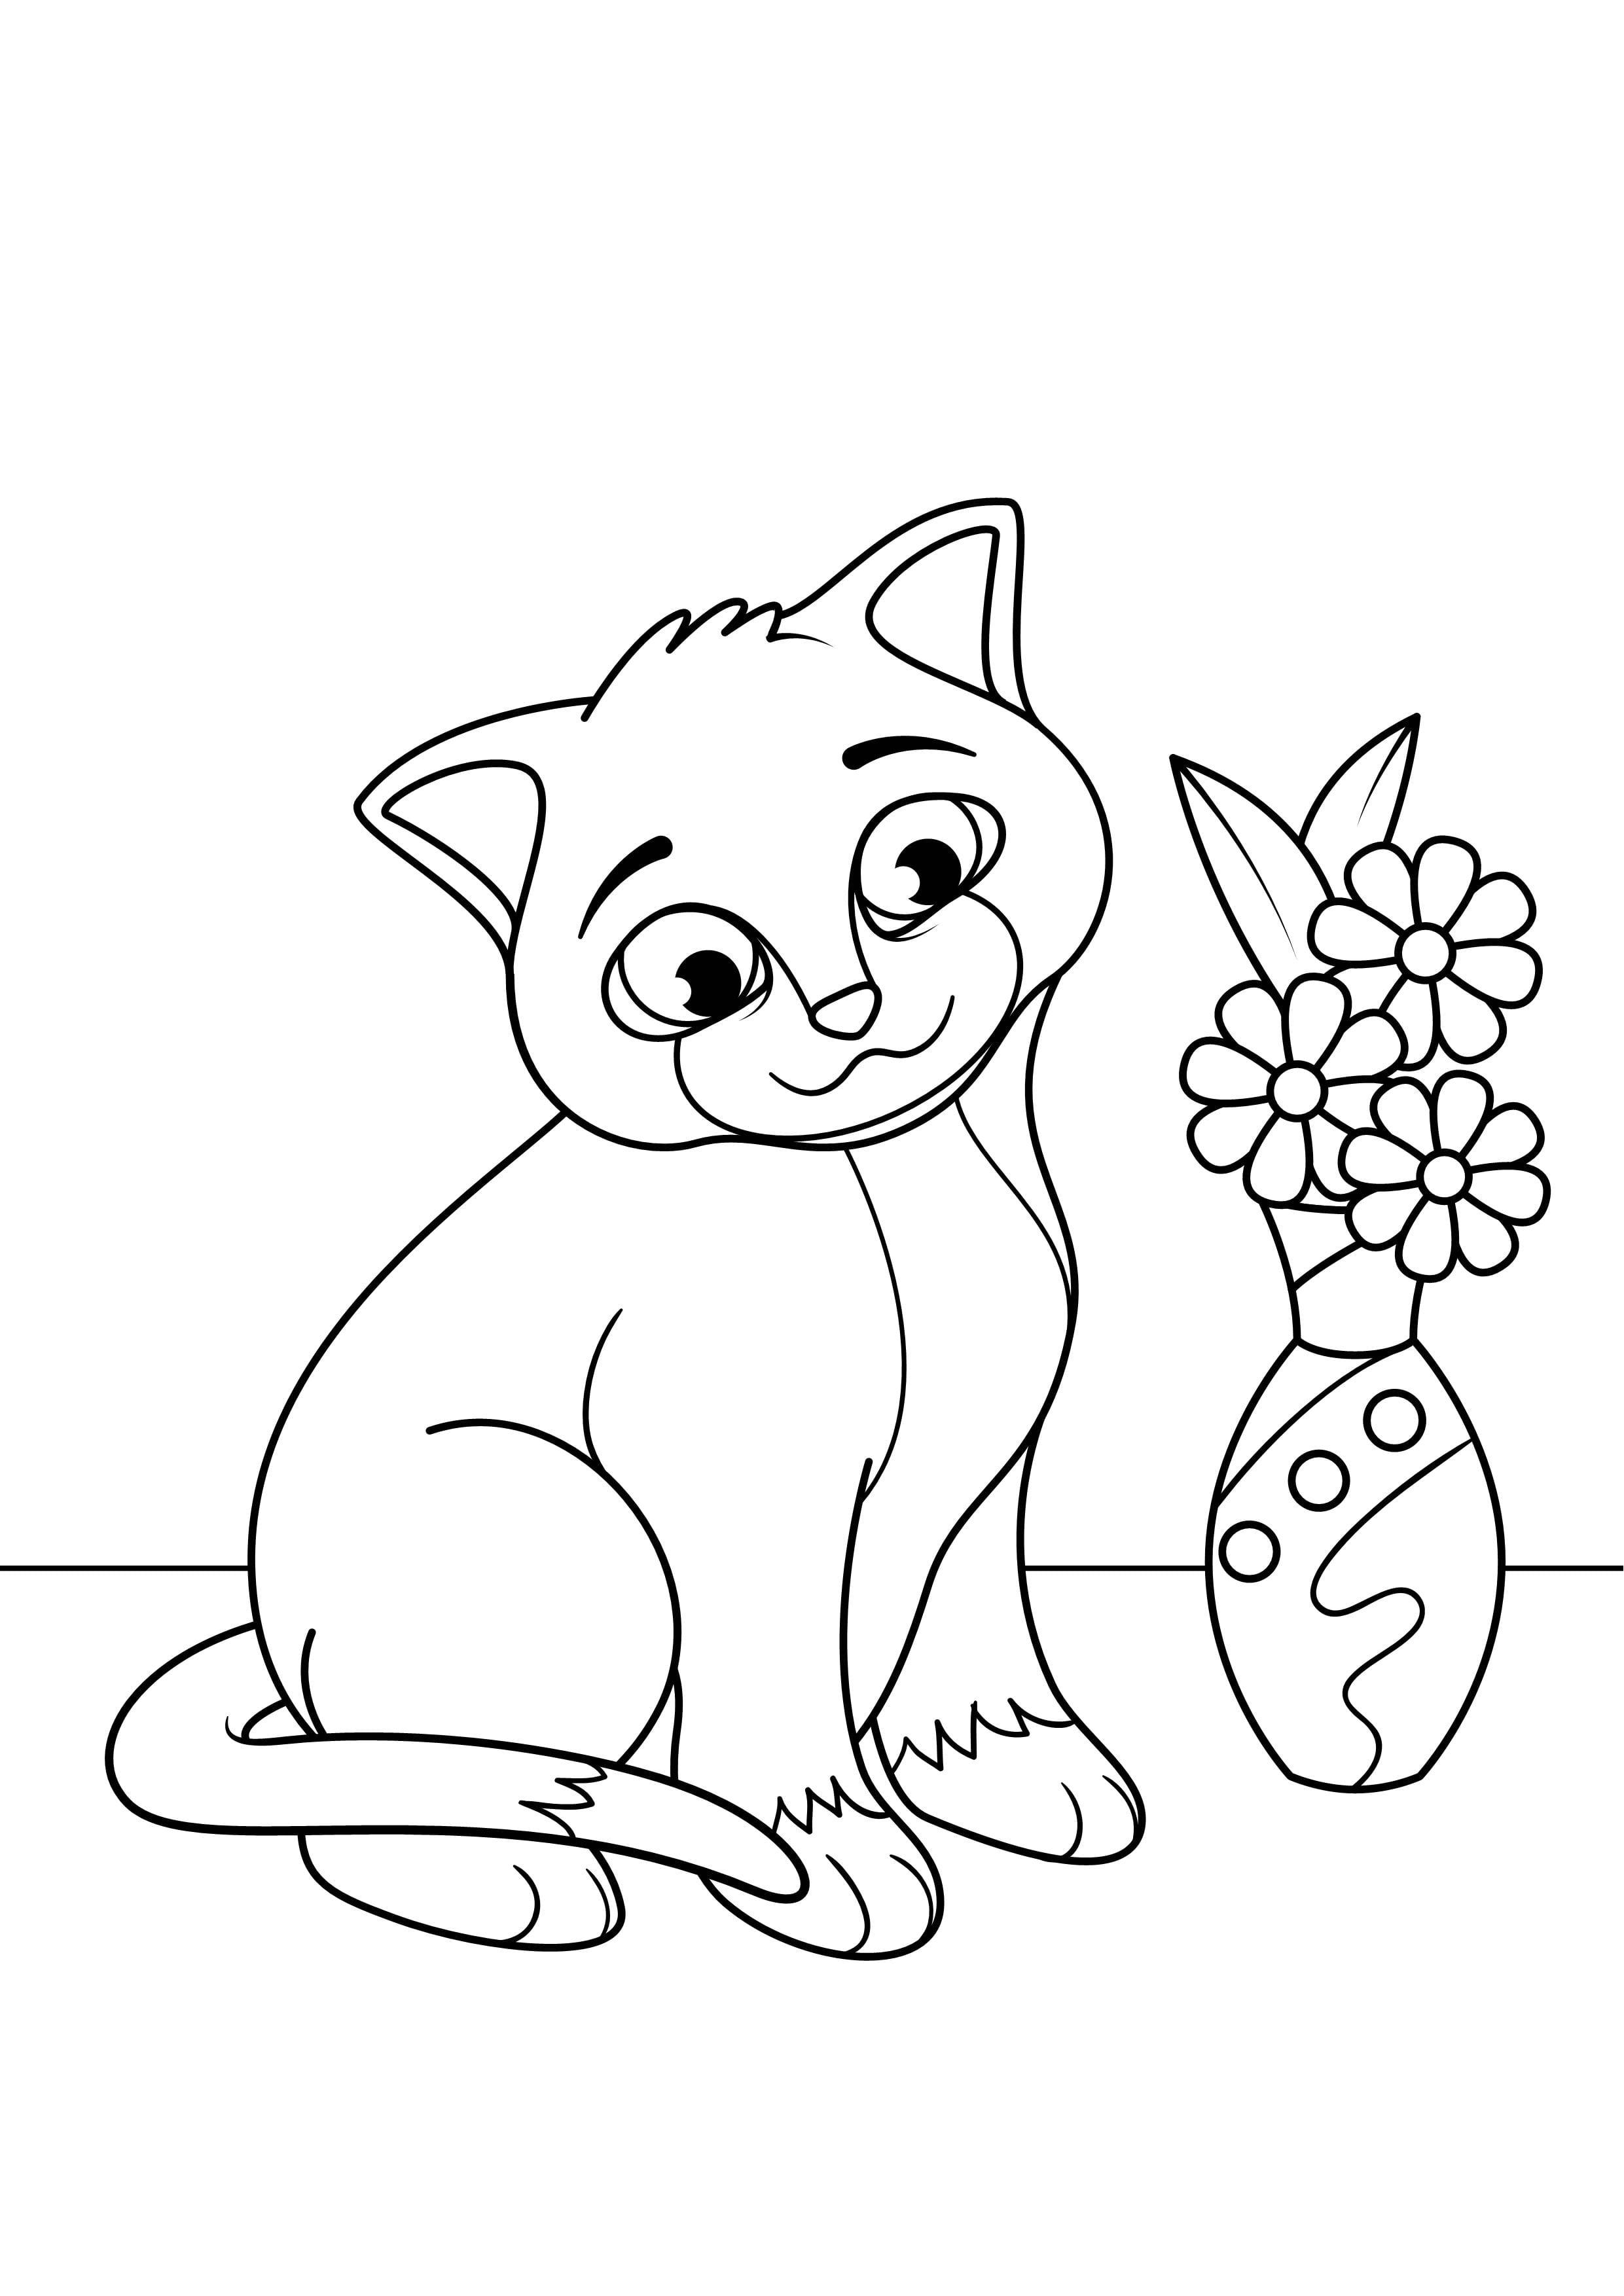 котята коты раскраска кошки - Рисовака